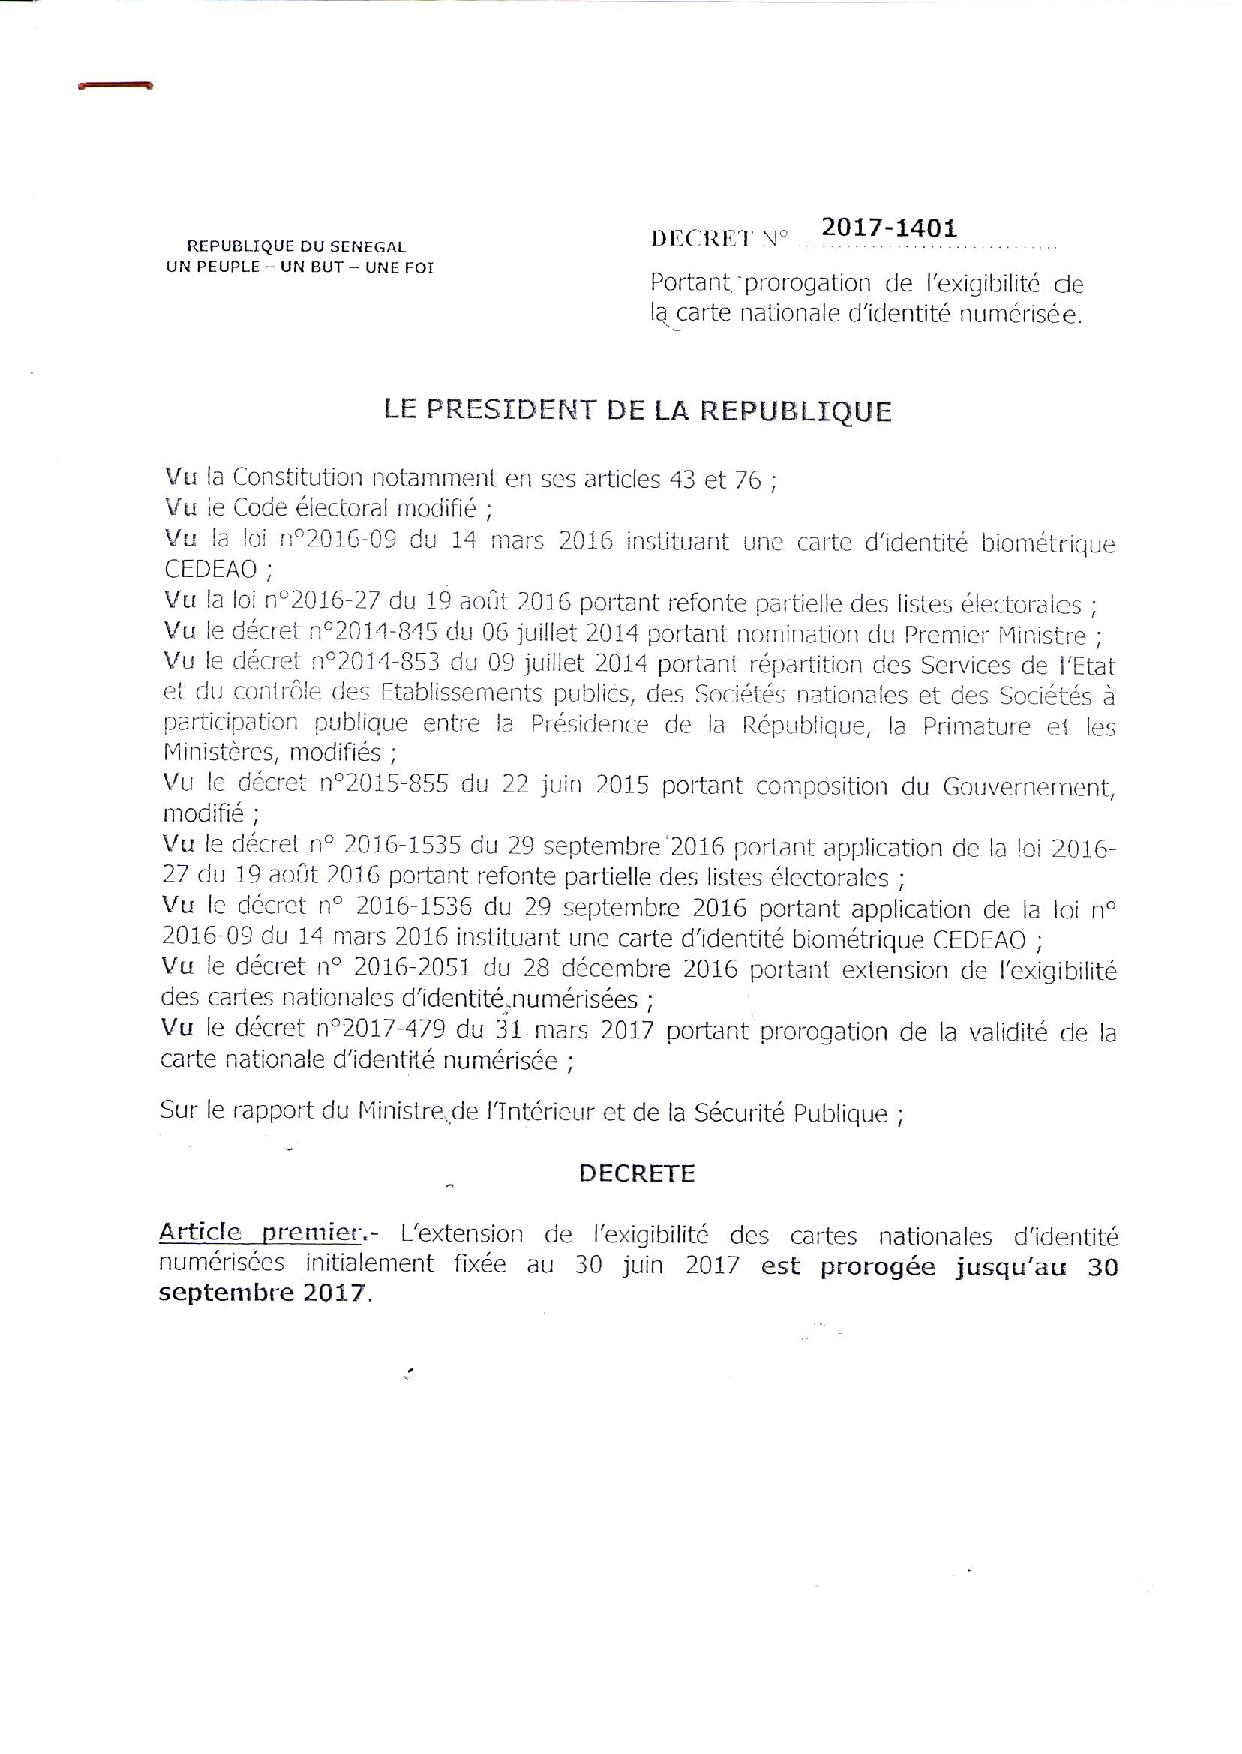 Le délai d'exigibilité des anciennes cartes d'identité numérisées, prorogé jusqu'au 30 septembre 2017 (Décret)